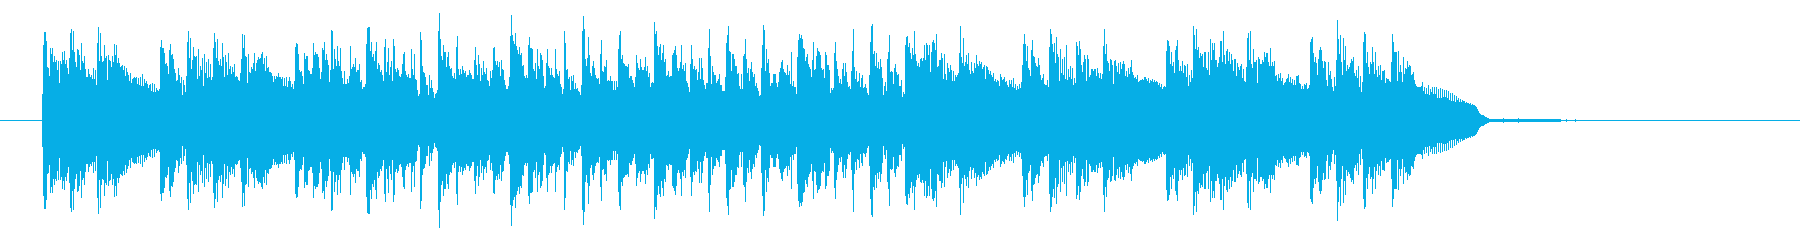 ロックなビート感溢れるテクノジングルの再生済みの波形